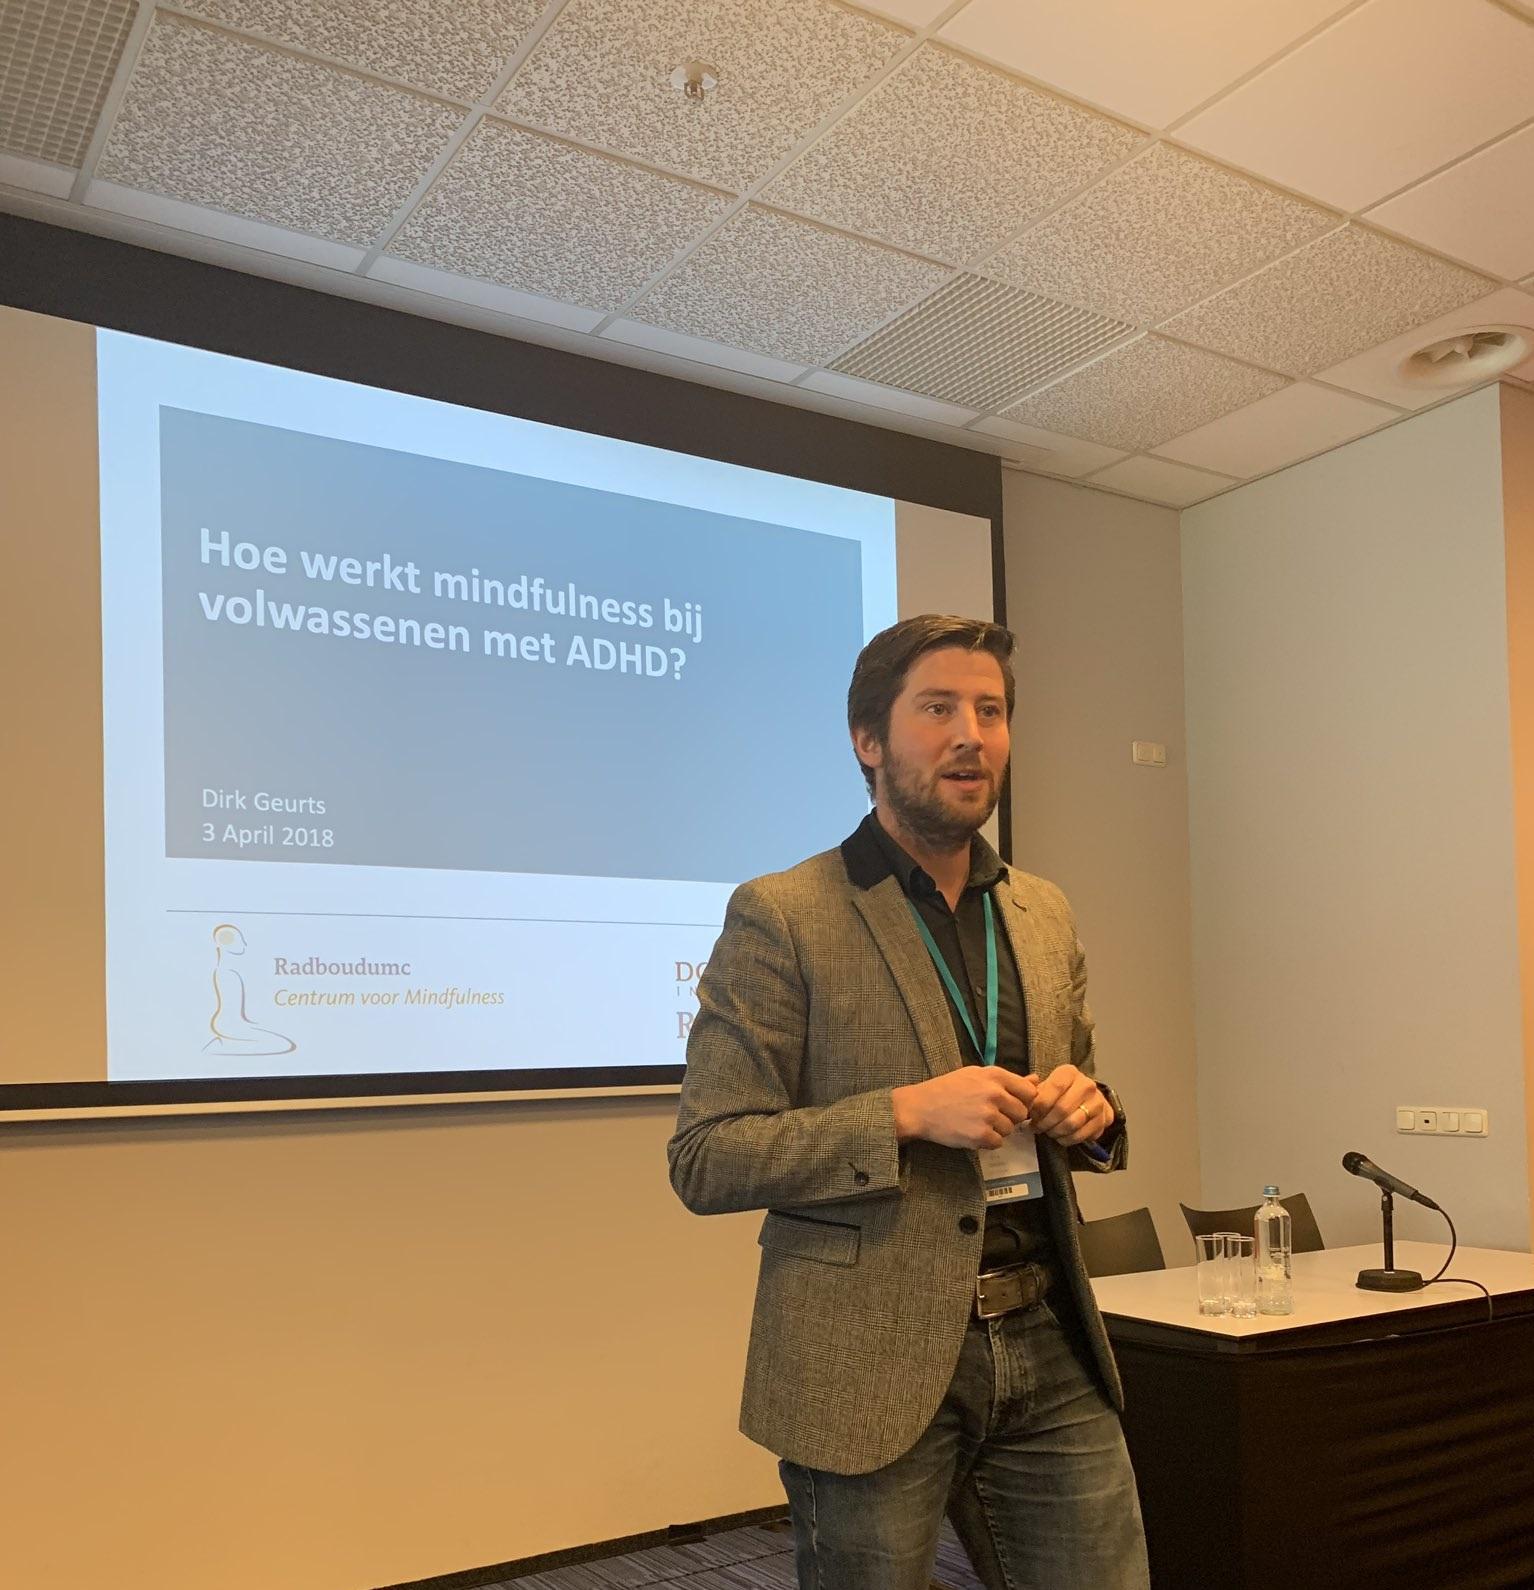 Mindfulness symposium tijdens voorjaarscongres Nederlandse Vereniging voor Psychiatrie